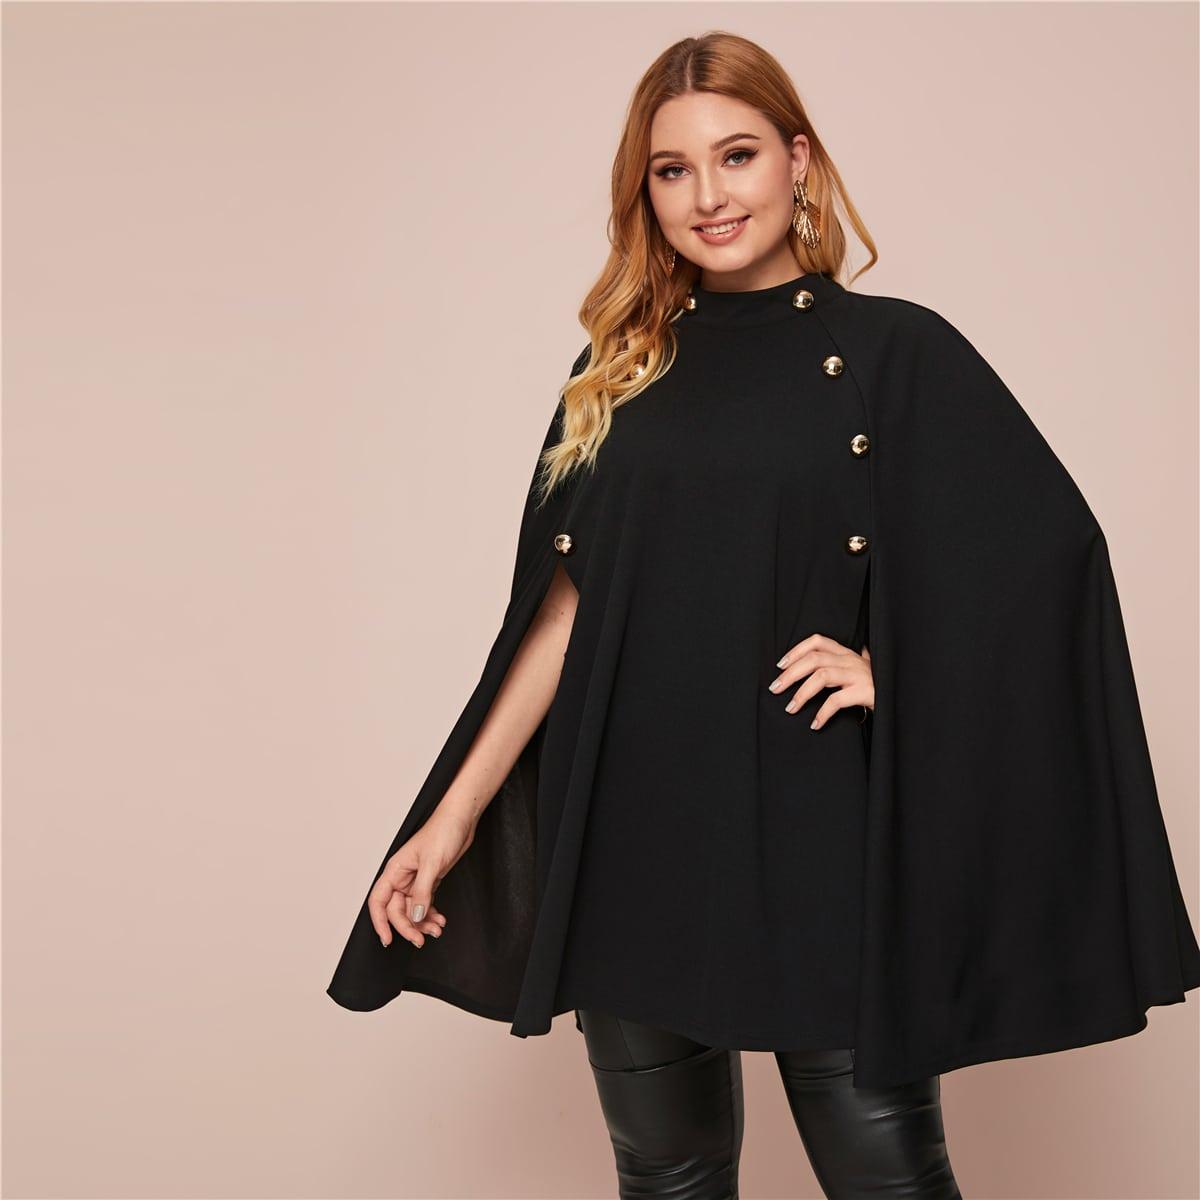 Пальто размера плюс с пуговицами и воротником-стойкой